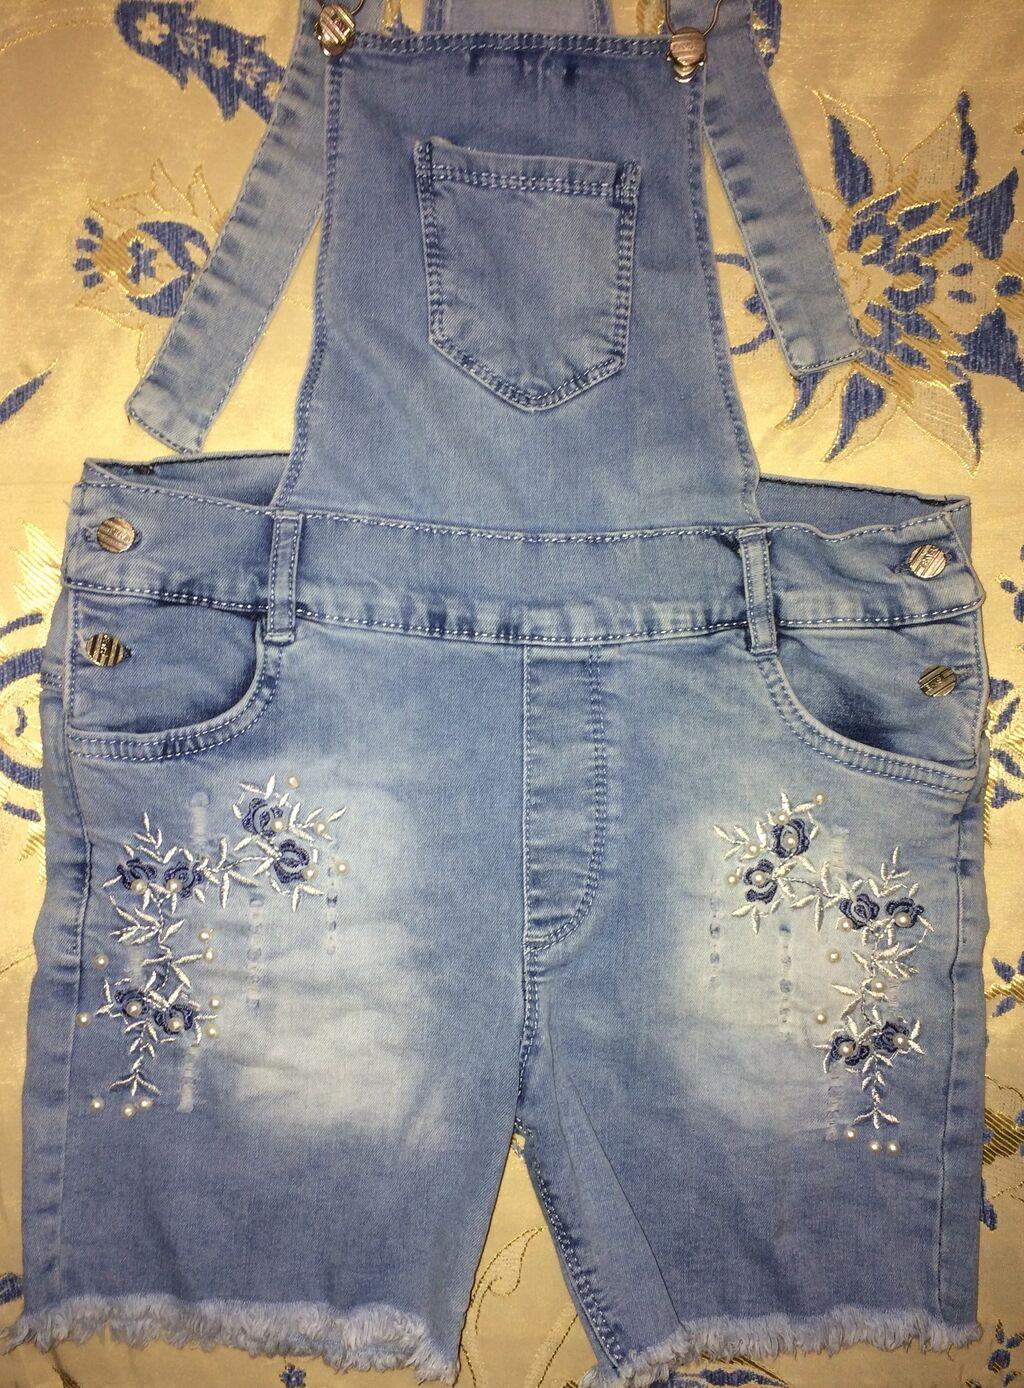 Tezedir geyilmeyib jeans 12 yaş: Tezedir geyilmeyib jeans 12 yaş